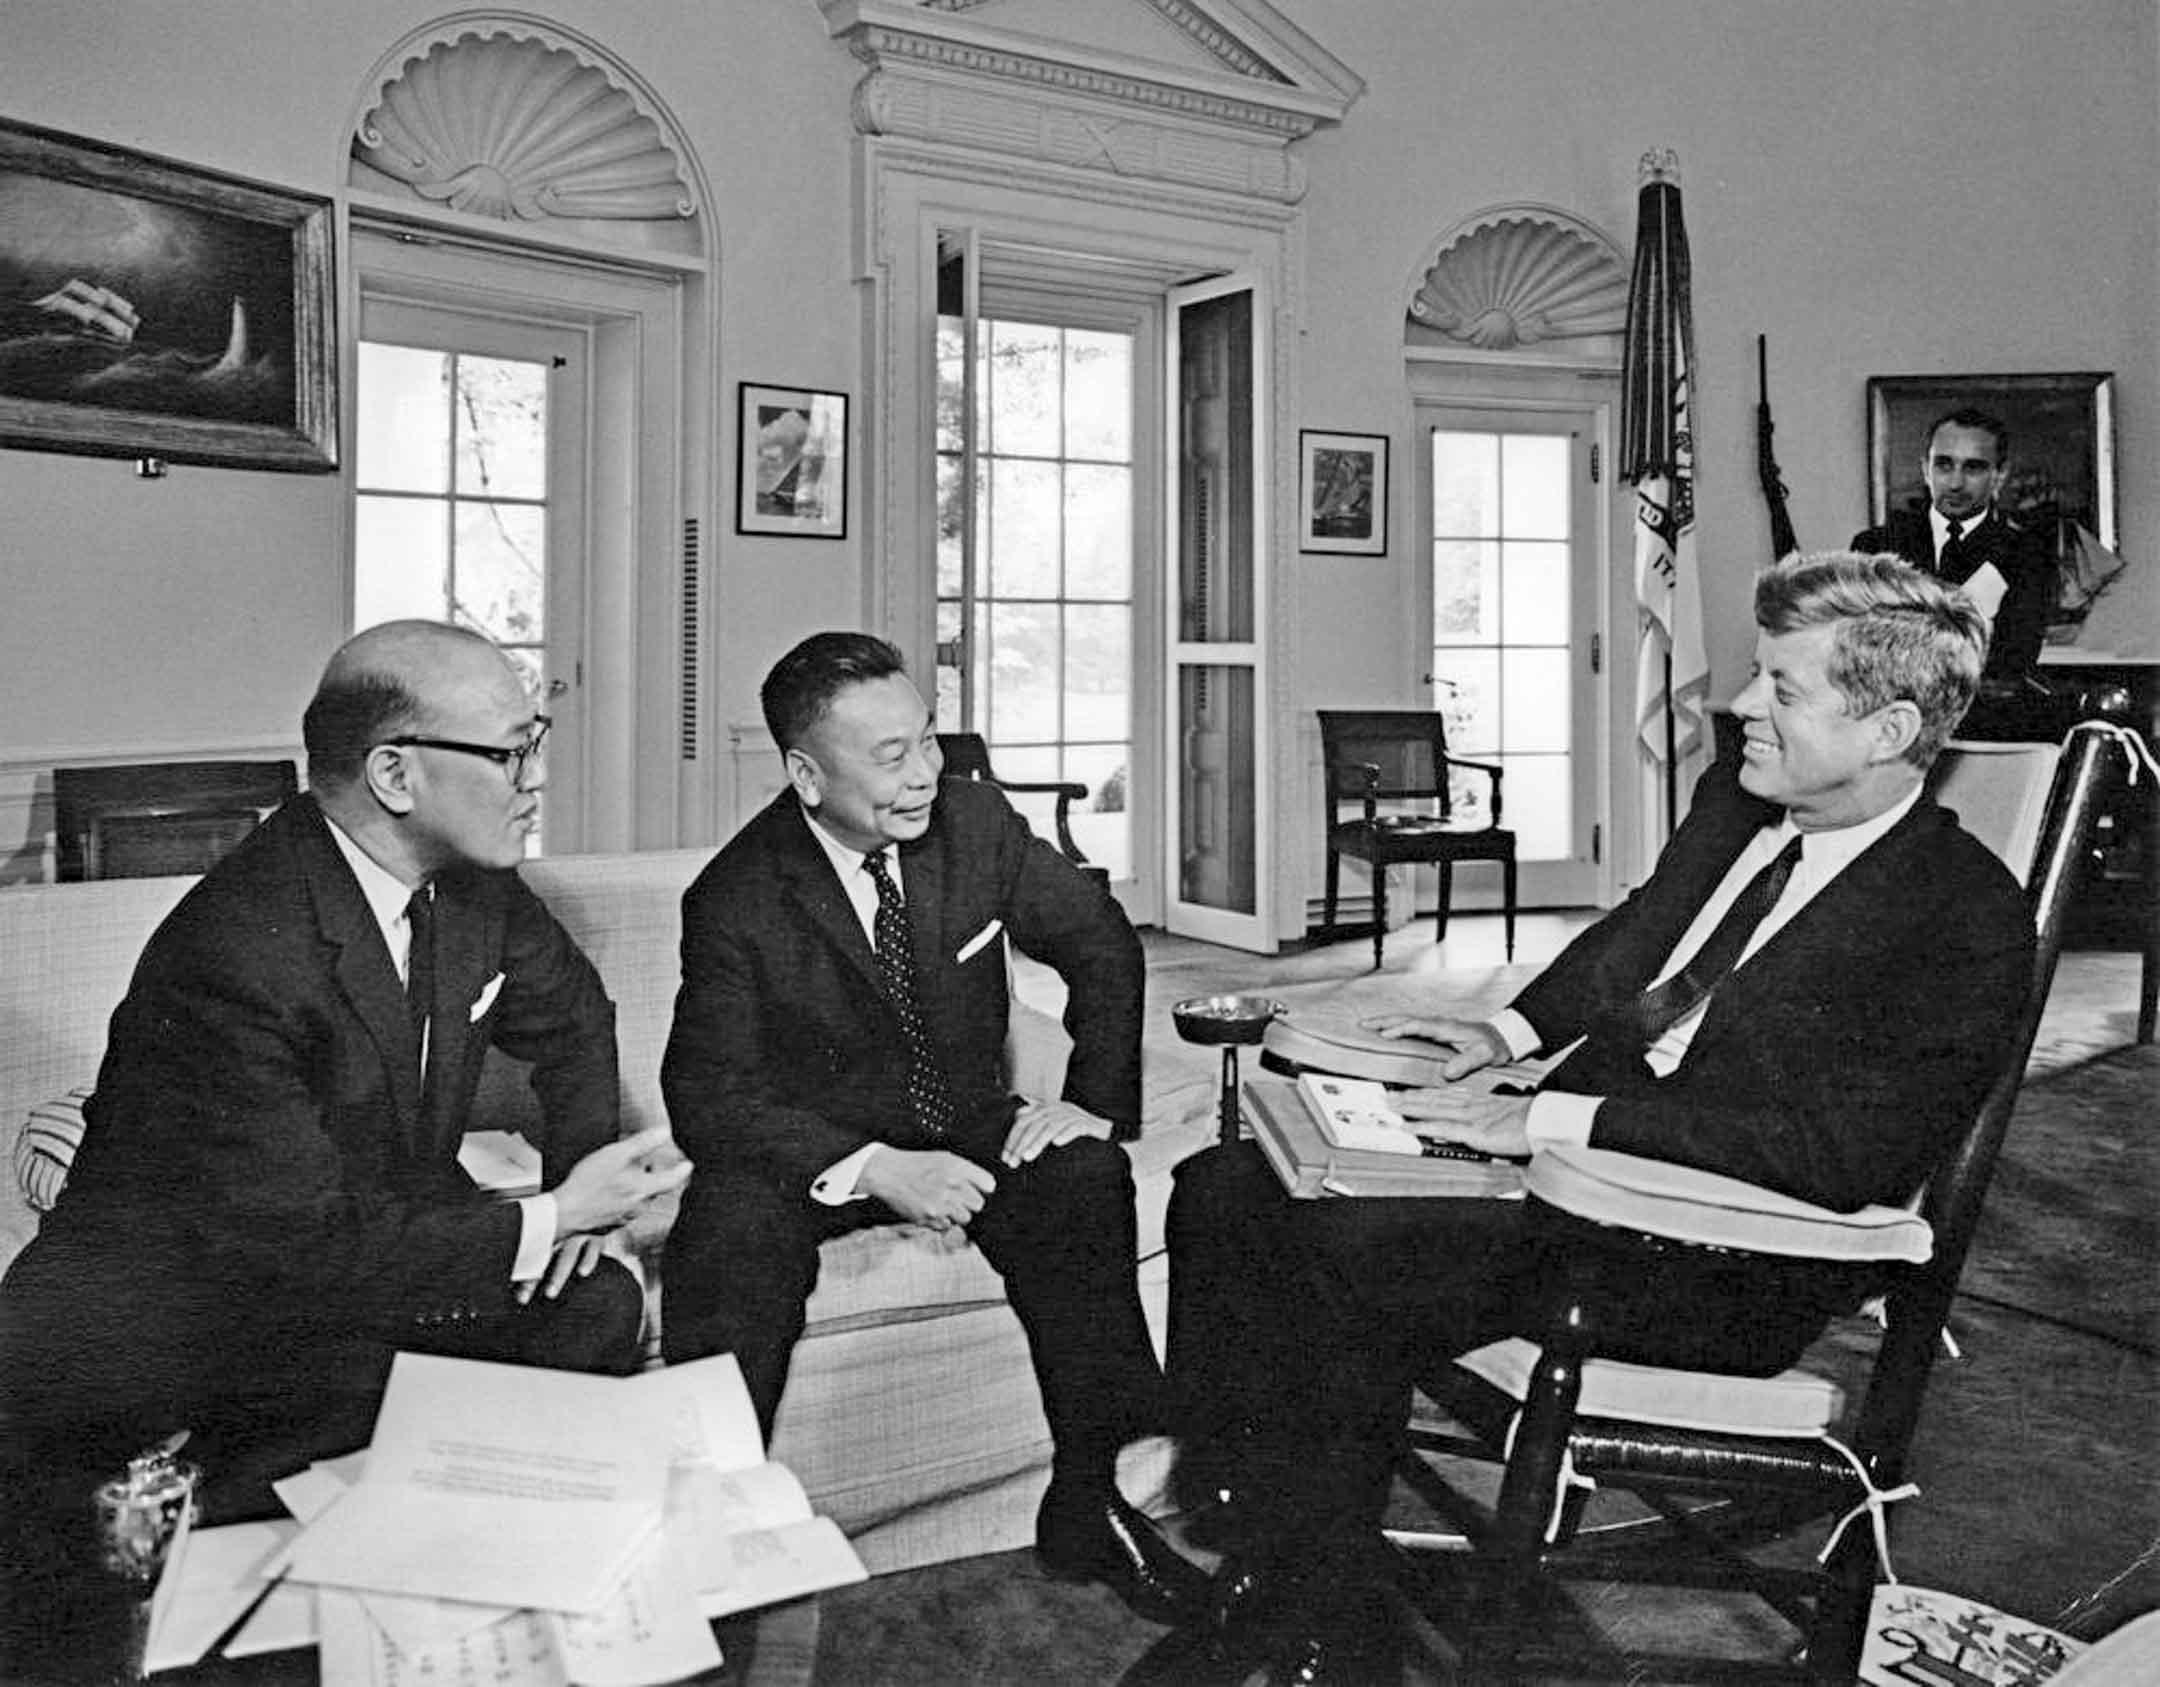 1963年9月11日,美國總統甘迺廸在白宮會晤蔣經國,左側為時任新聞局長沈劍紅。